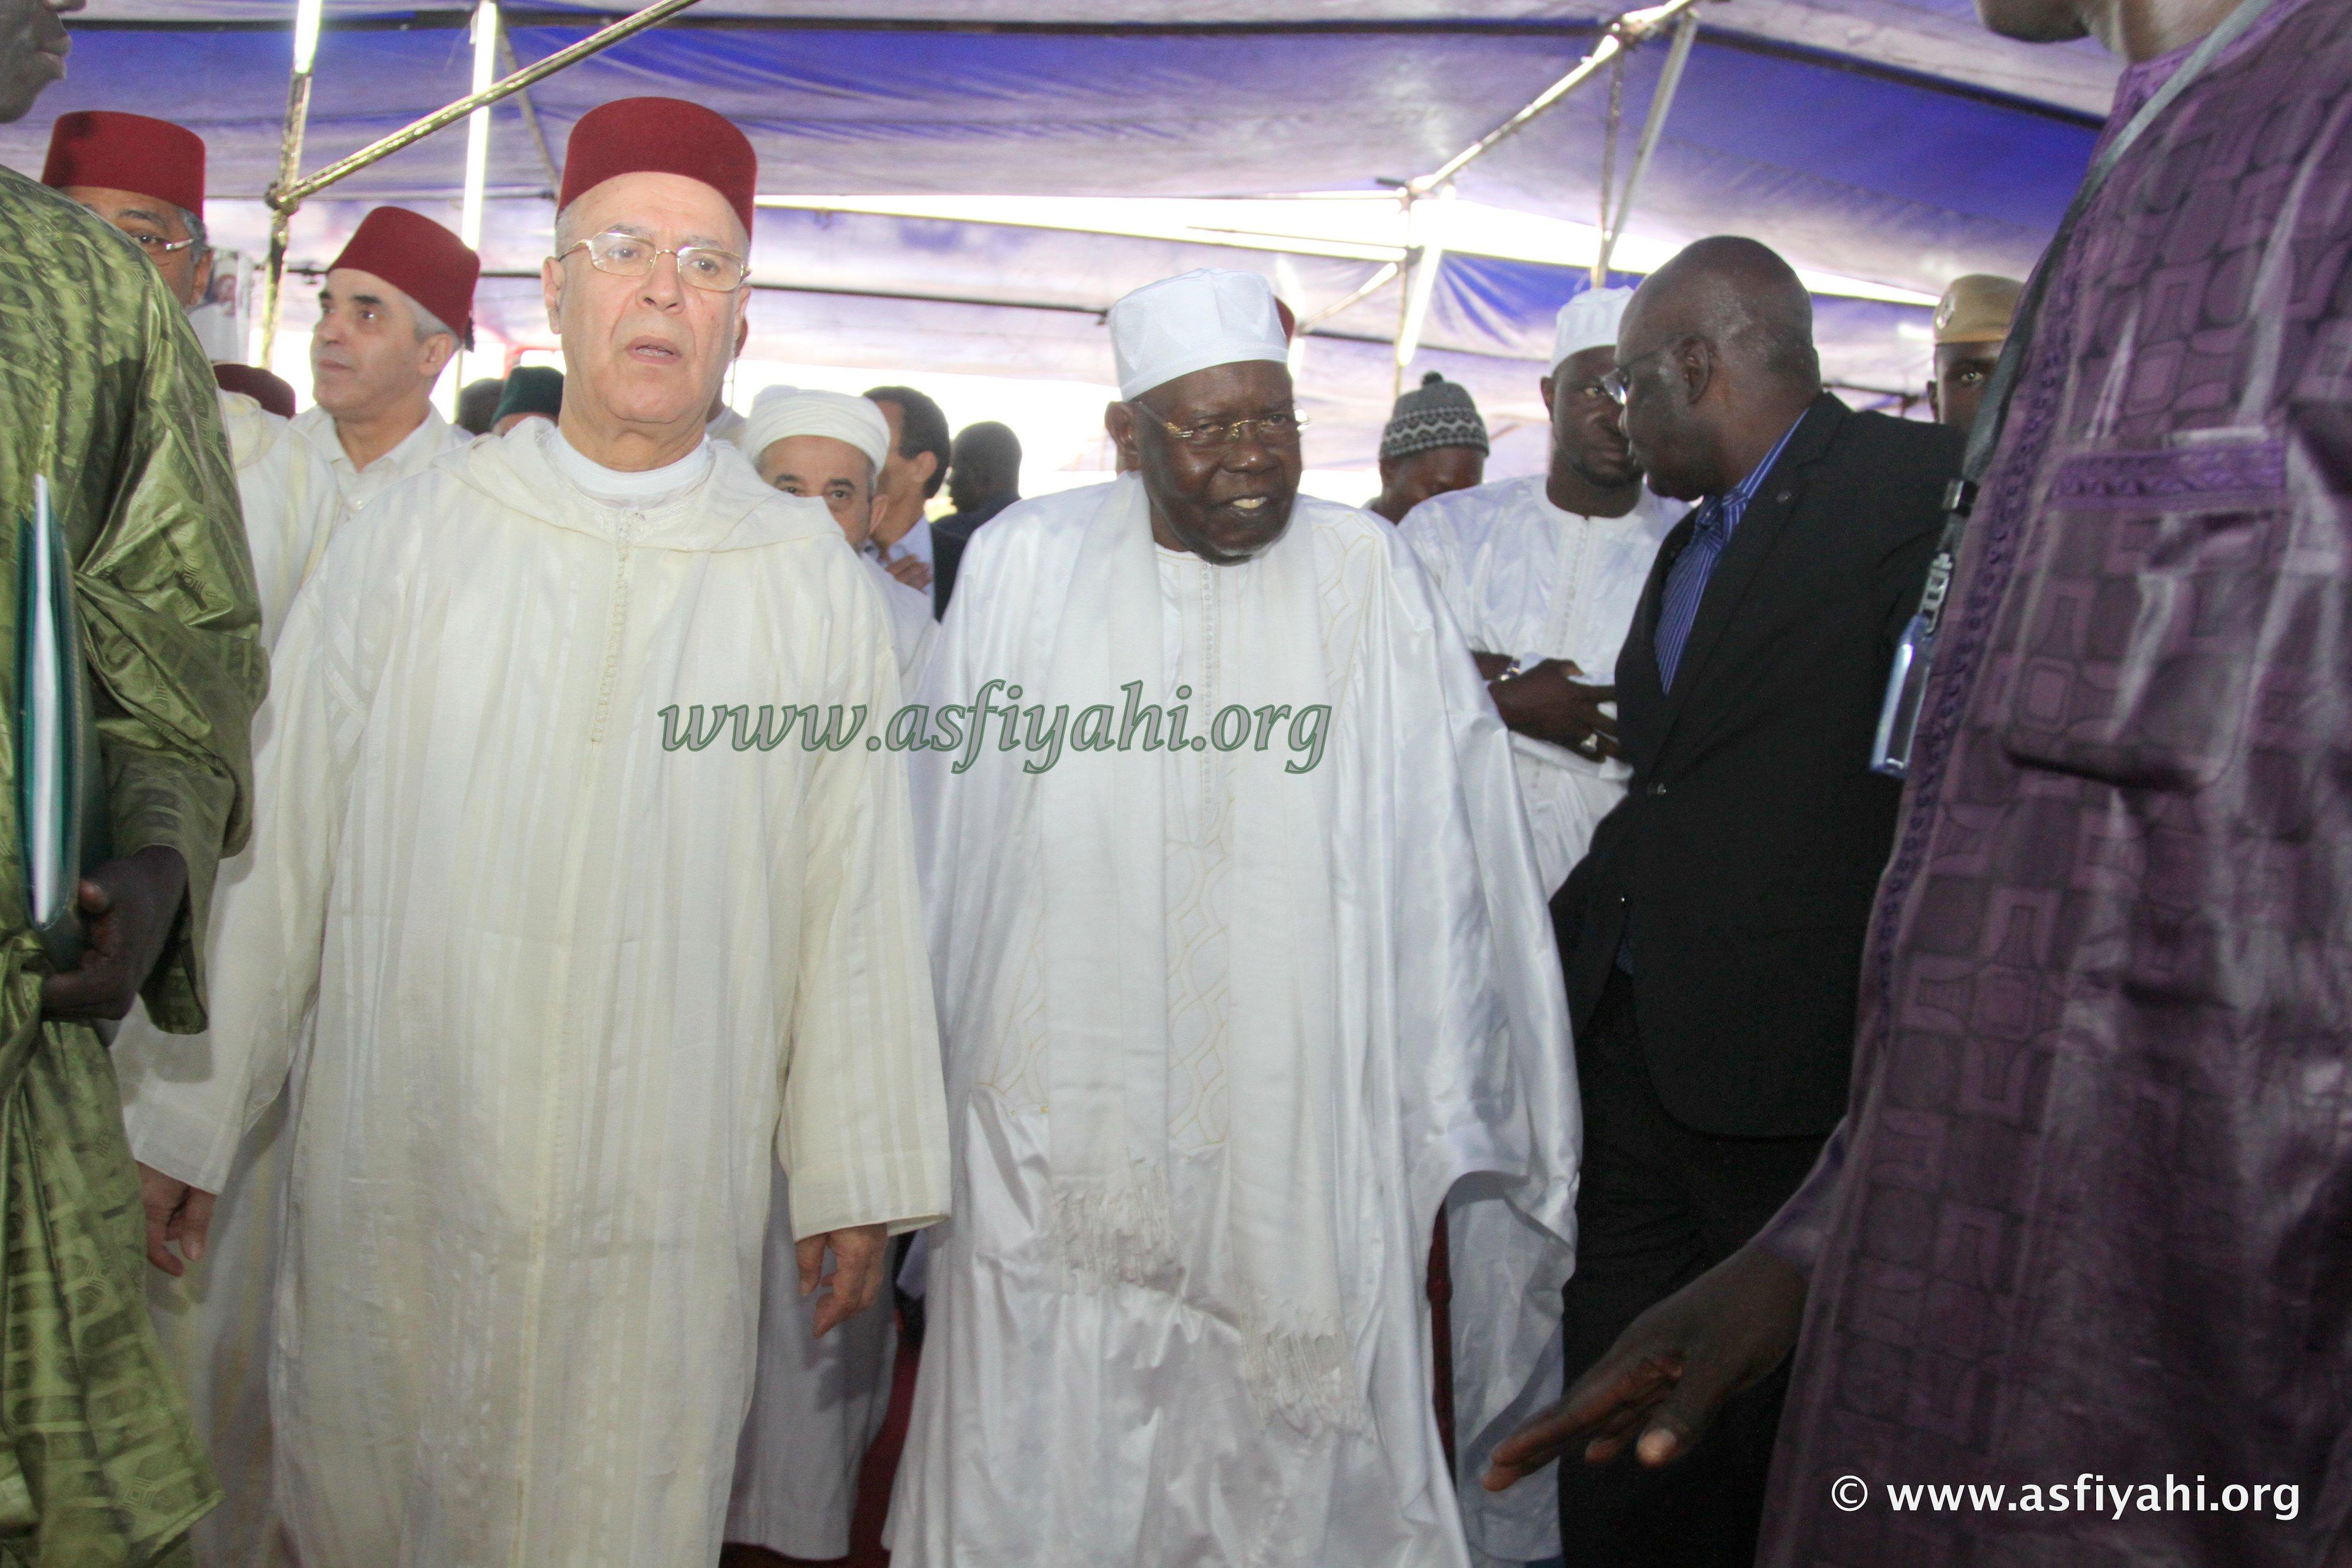 PHOTOS- Les Images de l'ouverture Officielle des Journées Cheikh Ahmed Tidiane Cherif (rta), à la grande Mosquée de Dakar